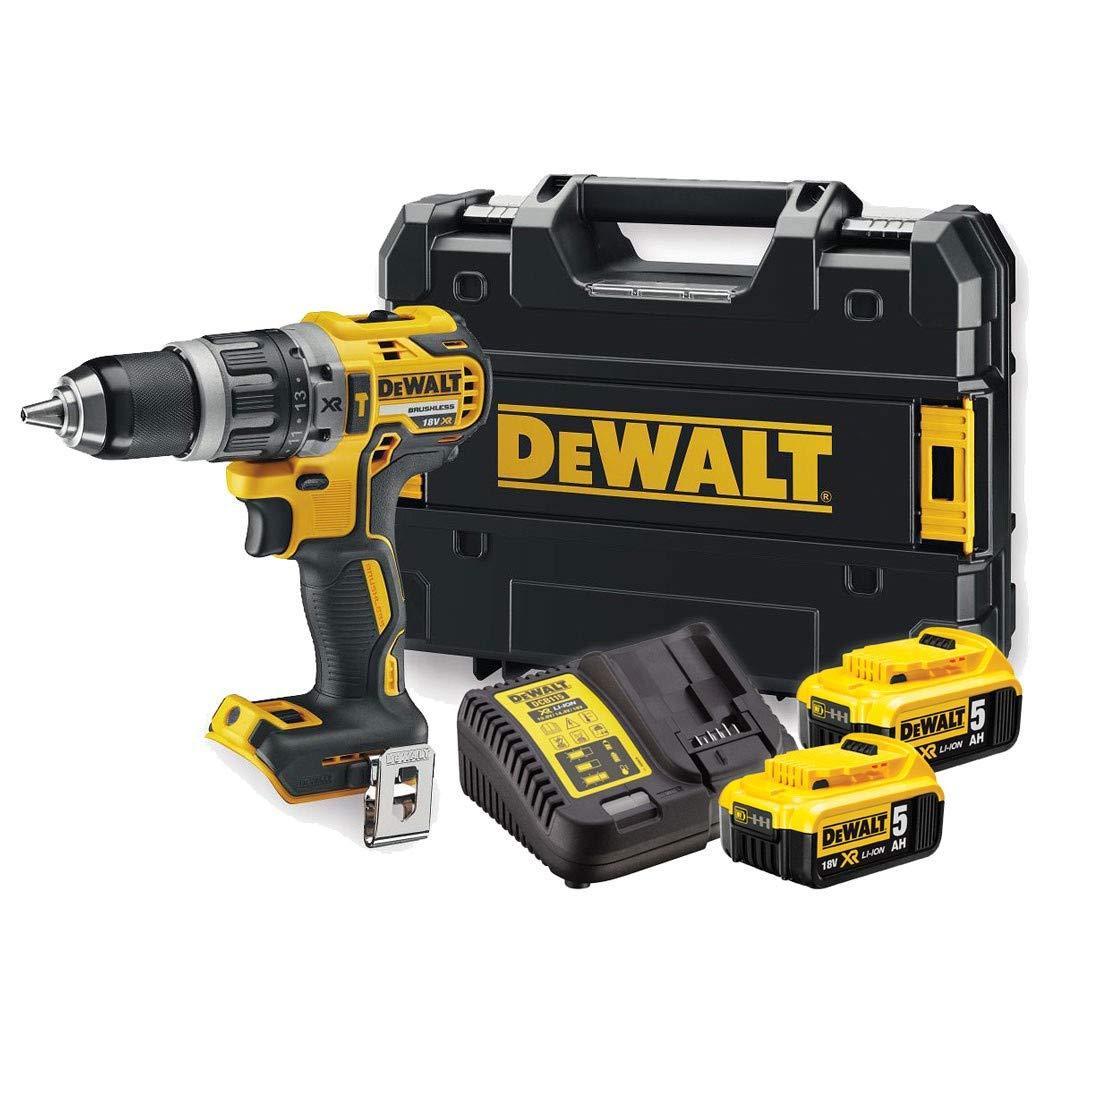 DeWalt-Akku-Schlagbohrschrauber-18-V-5-Ah-mit-LED-Arbeitslicht-brstenlose-Motor-Technologie-zwei-Gang-Vollmetallgetriebe-inkl-2x-Akkus-System-Schnellladegert-und-Tstak-Box-DCD796P2